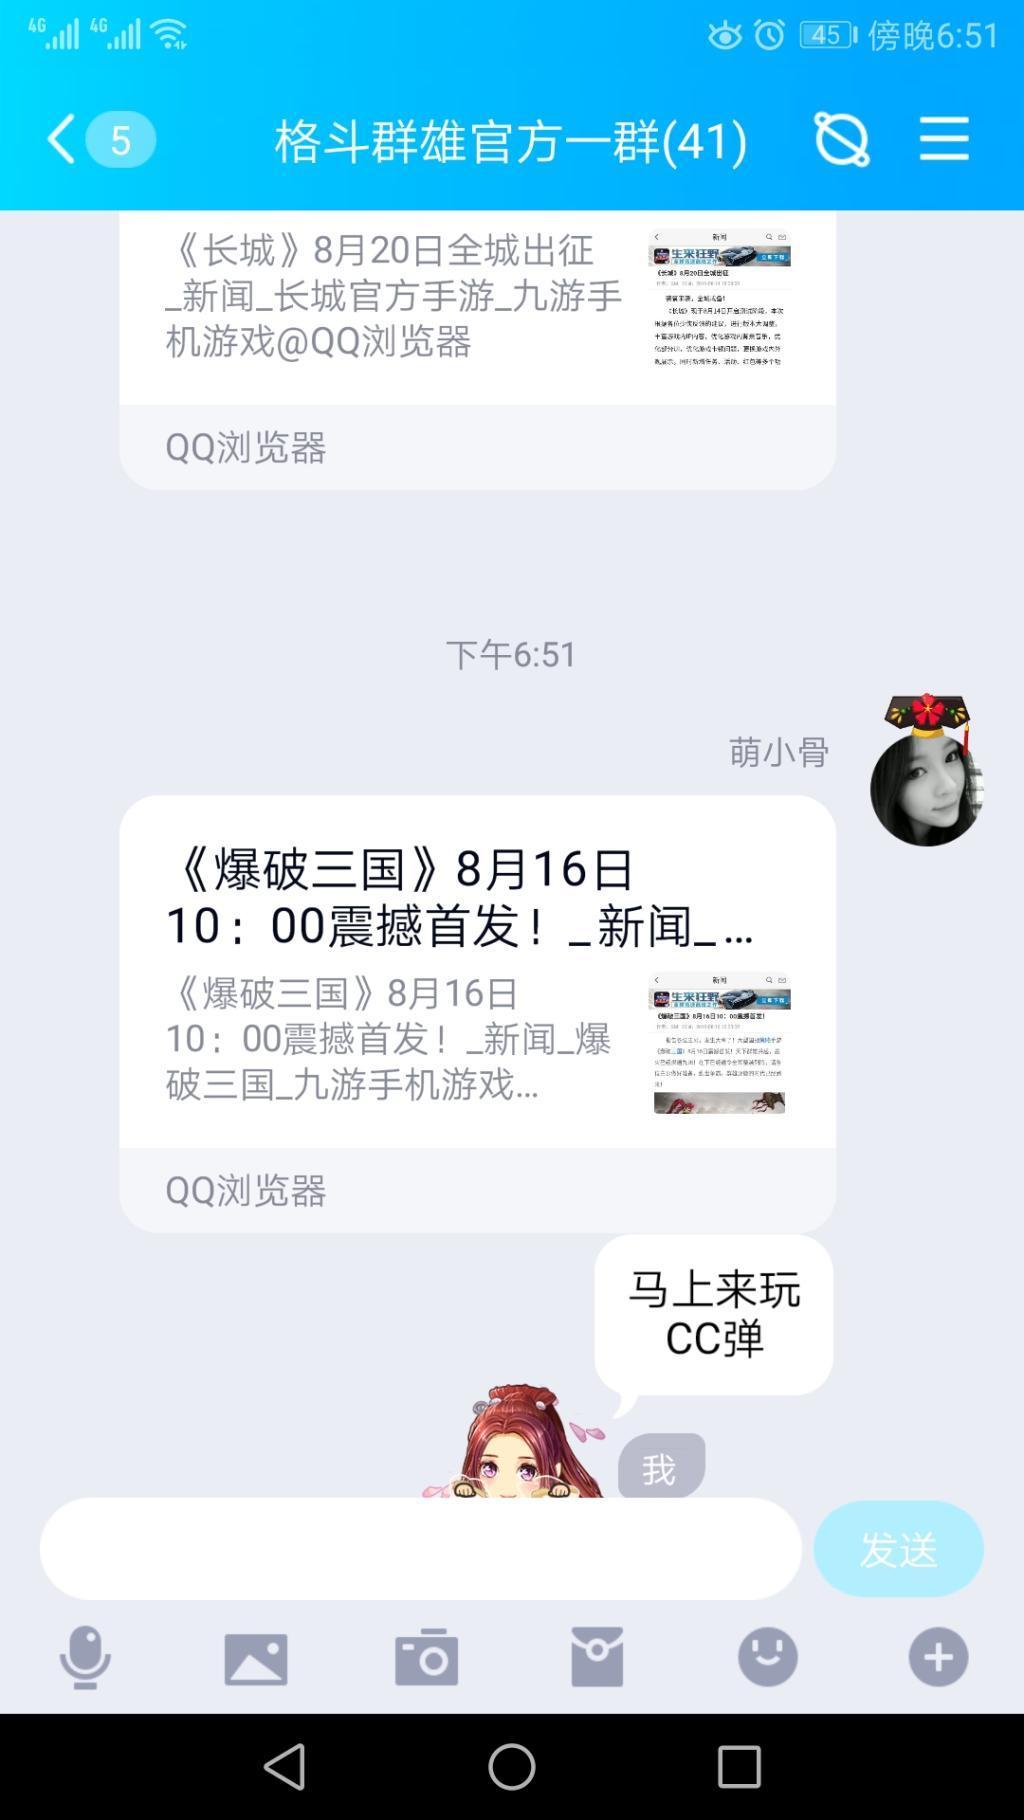 Screenshot_20190816s185139.jpg